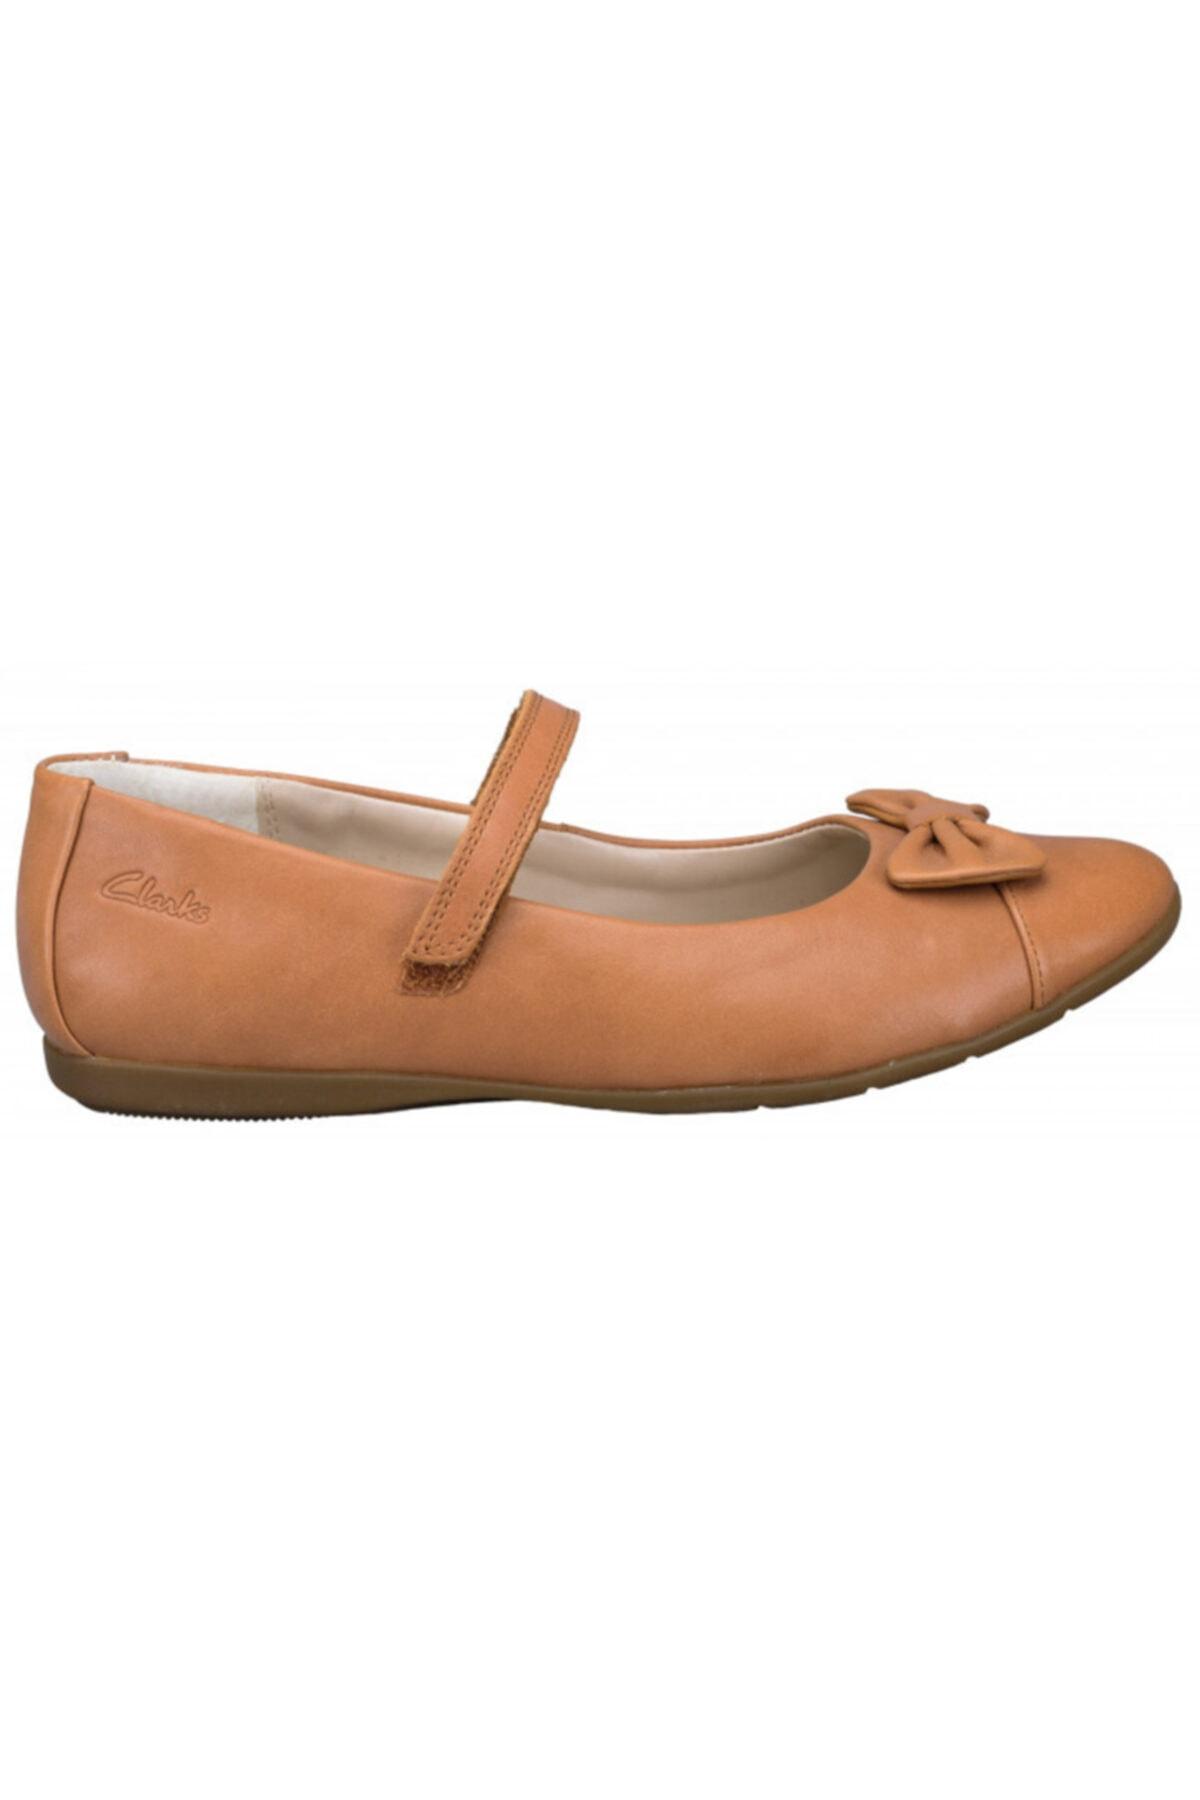 CLARKS Kız 7 Yaş Üstü Babet Ayakkabı Şık Ve Rahat 2